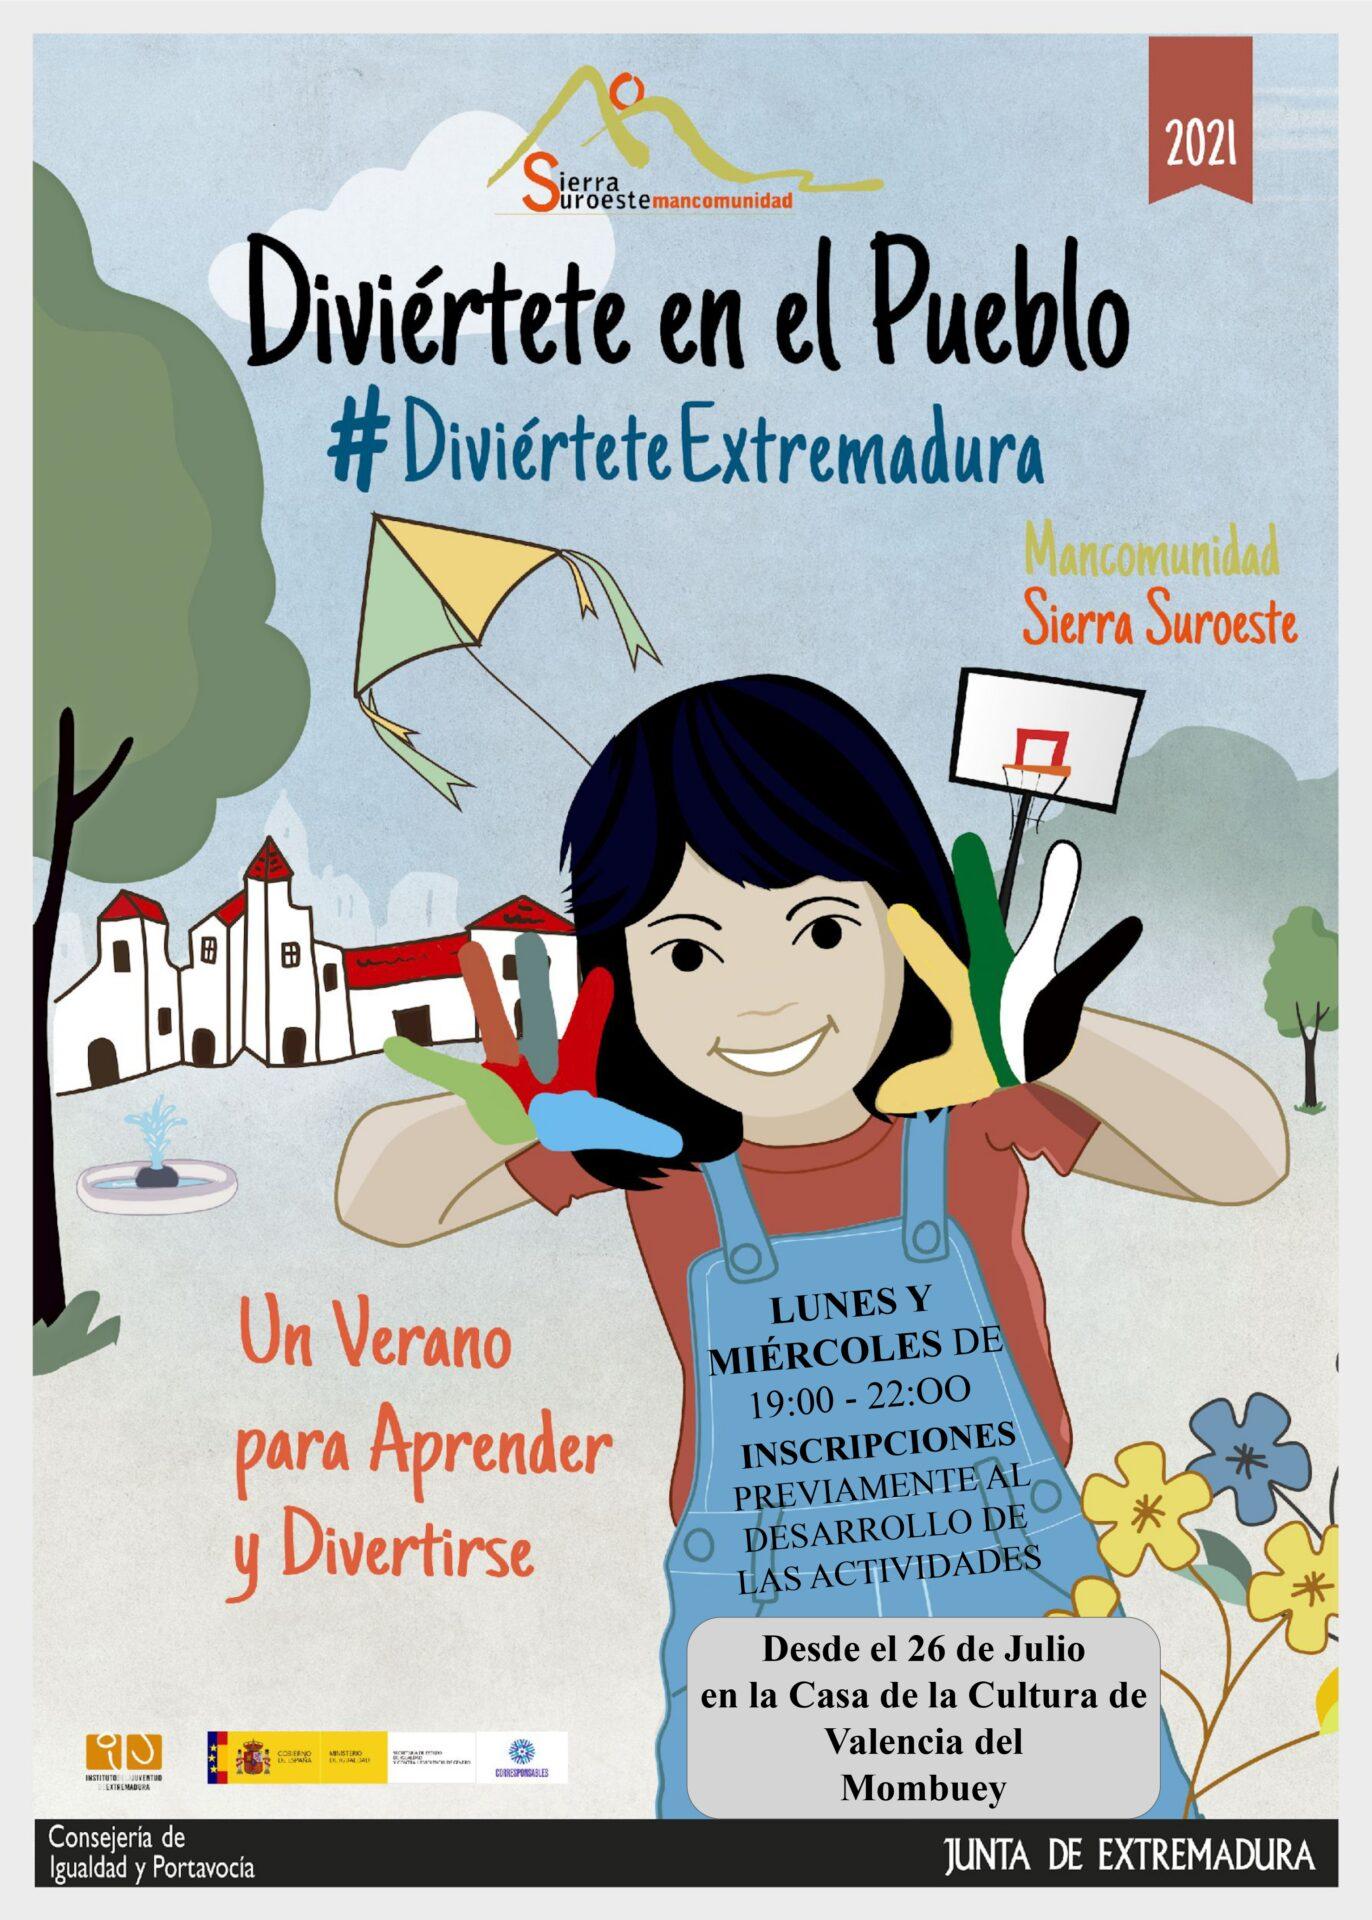 El 26 de julio arrancan las actividades del programa 'Diviértete Extremadura' en Valencia del Mombuey